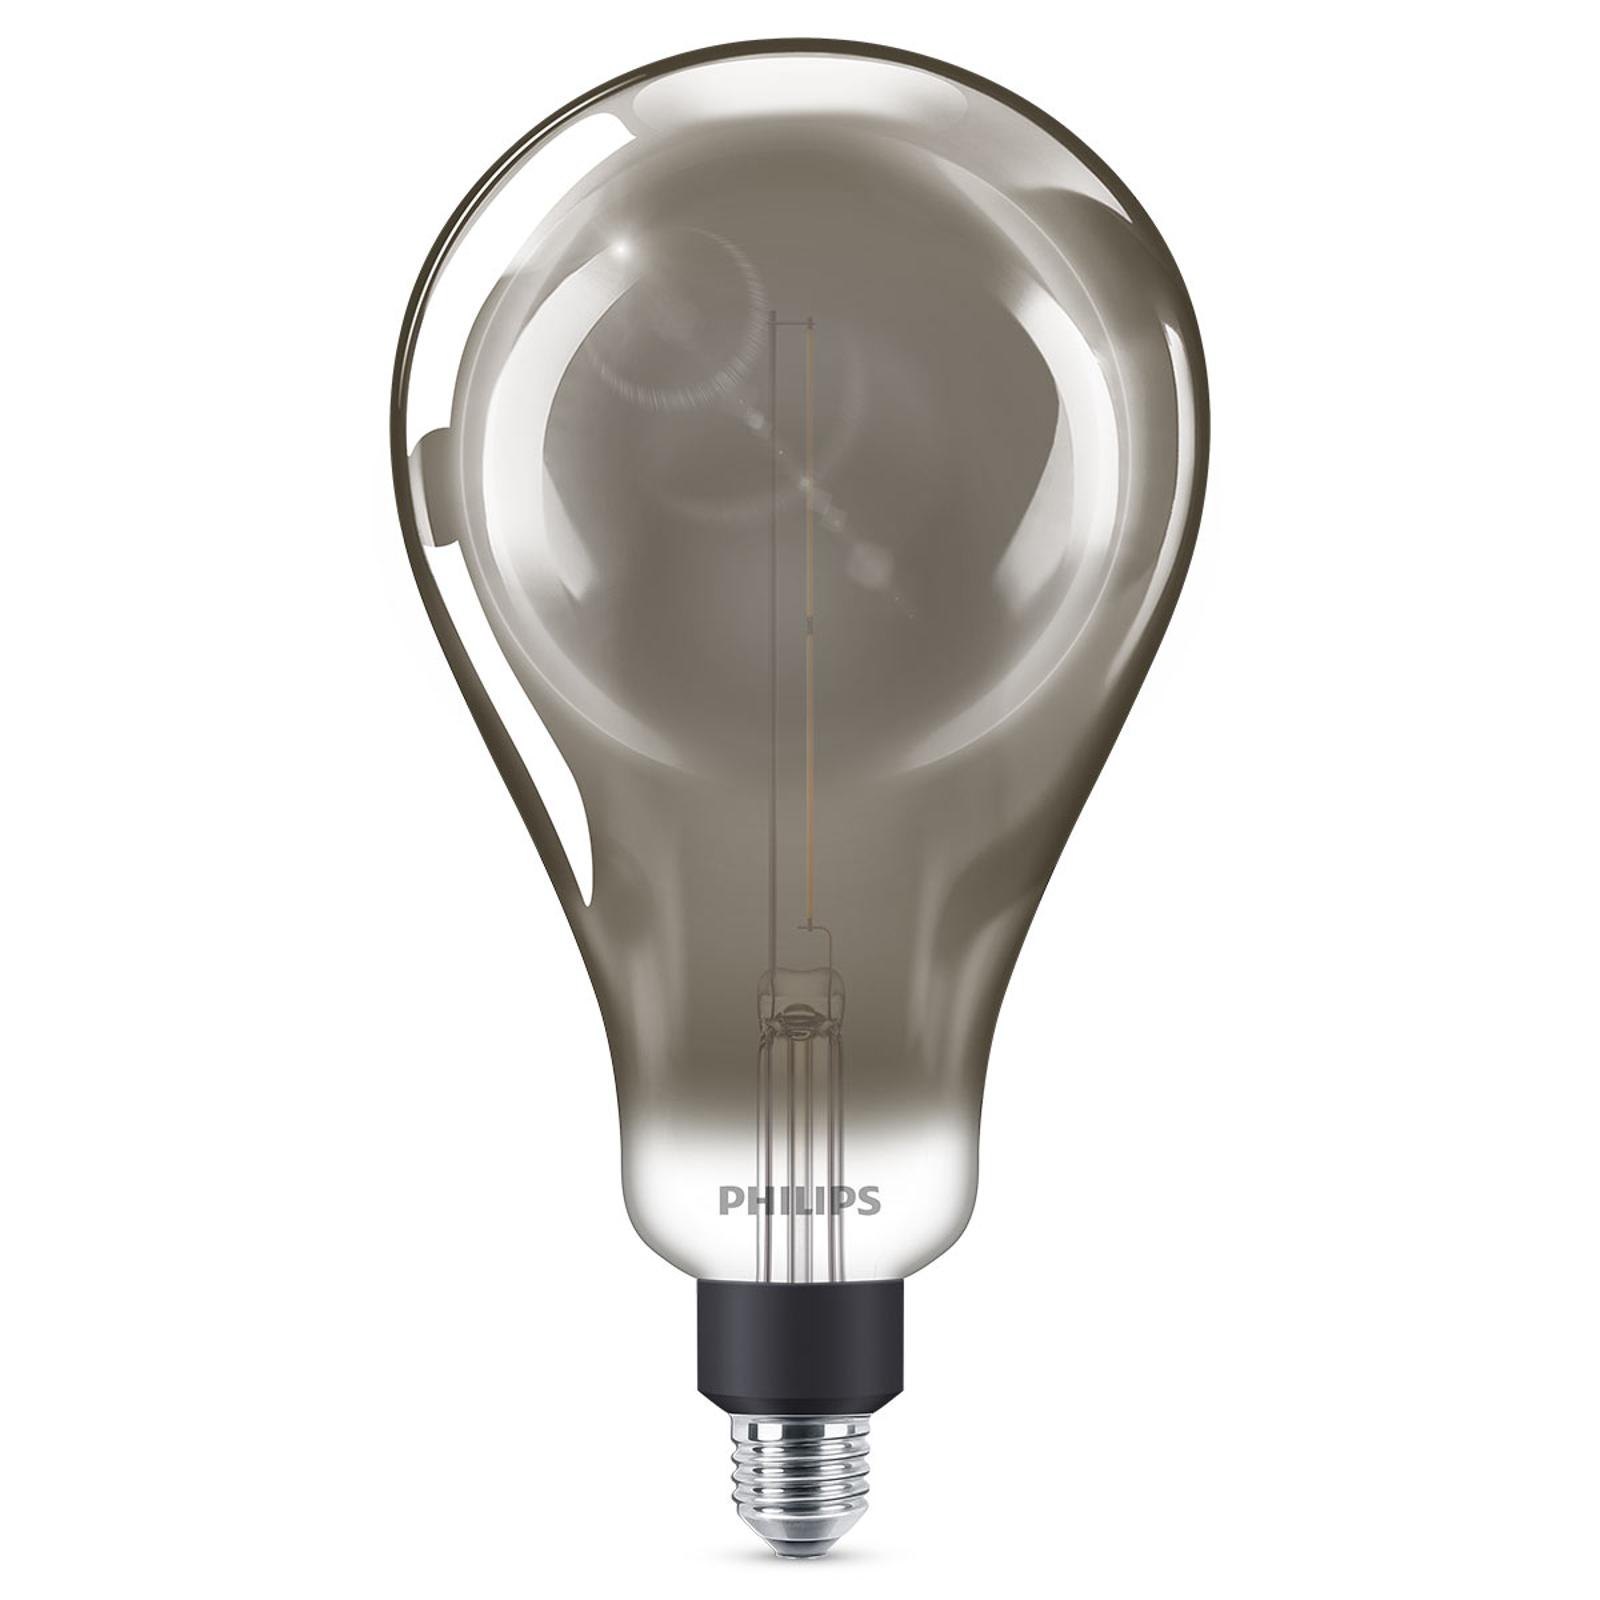 Philips E27 Giant żarówka LED 6,5W smoky